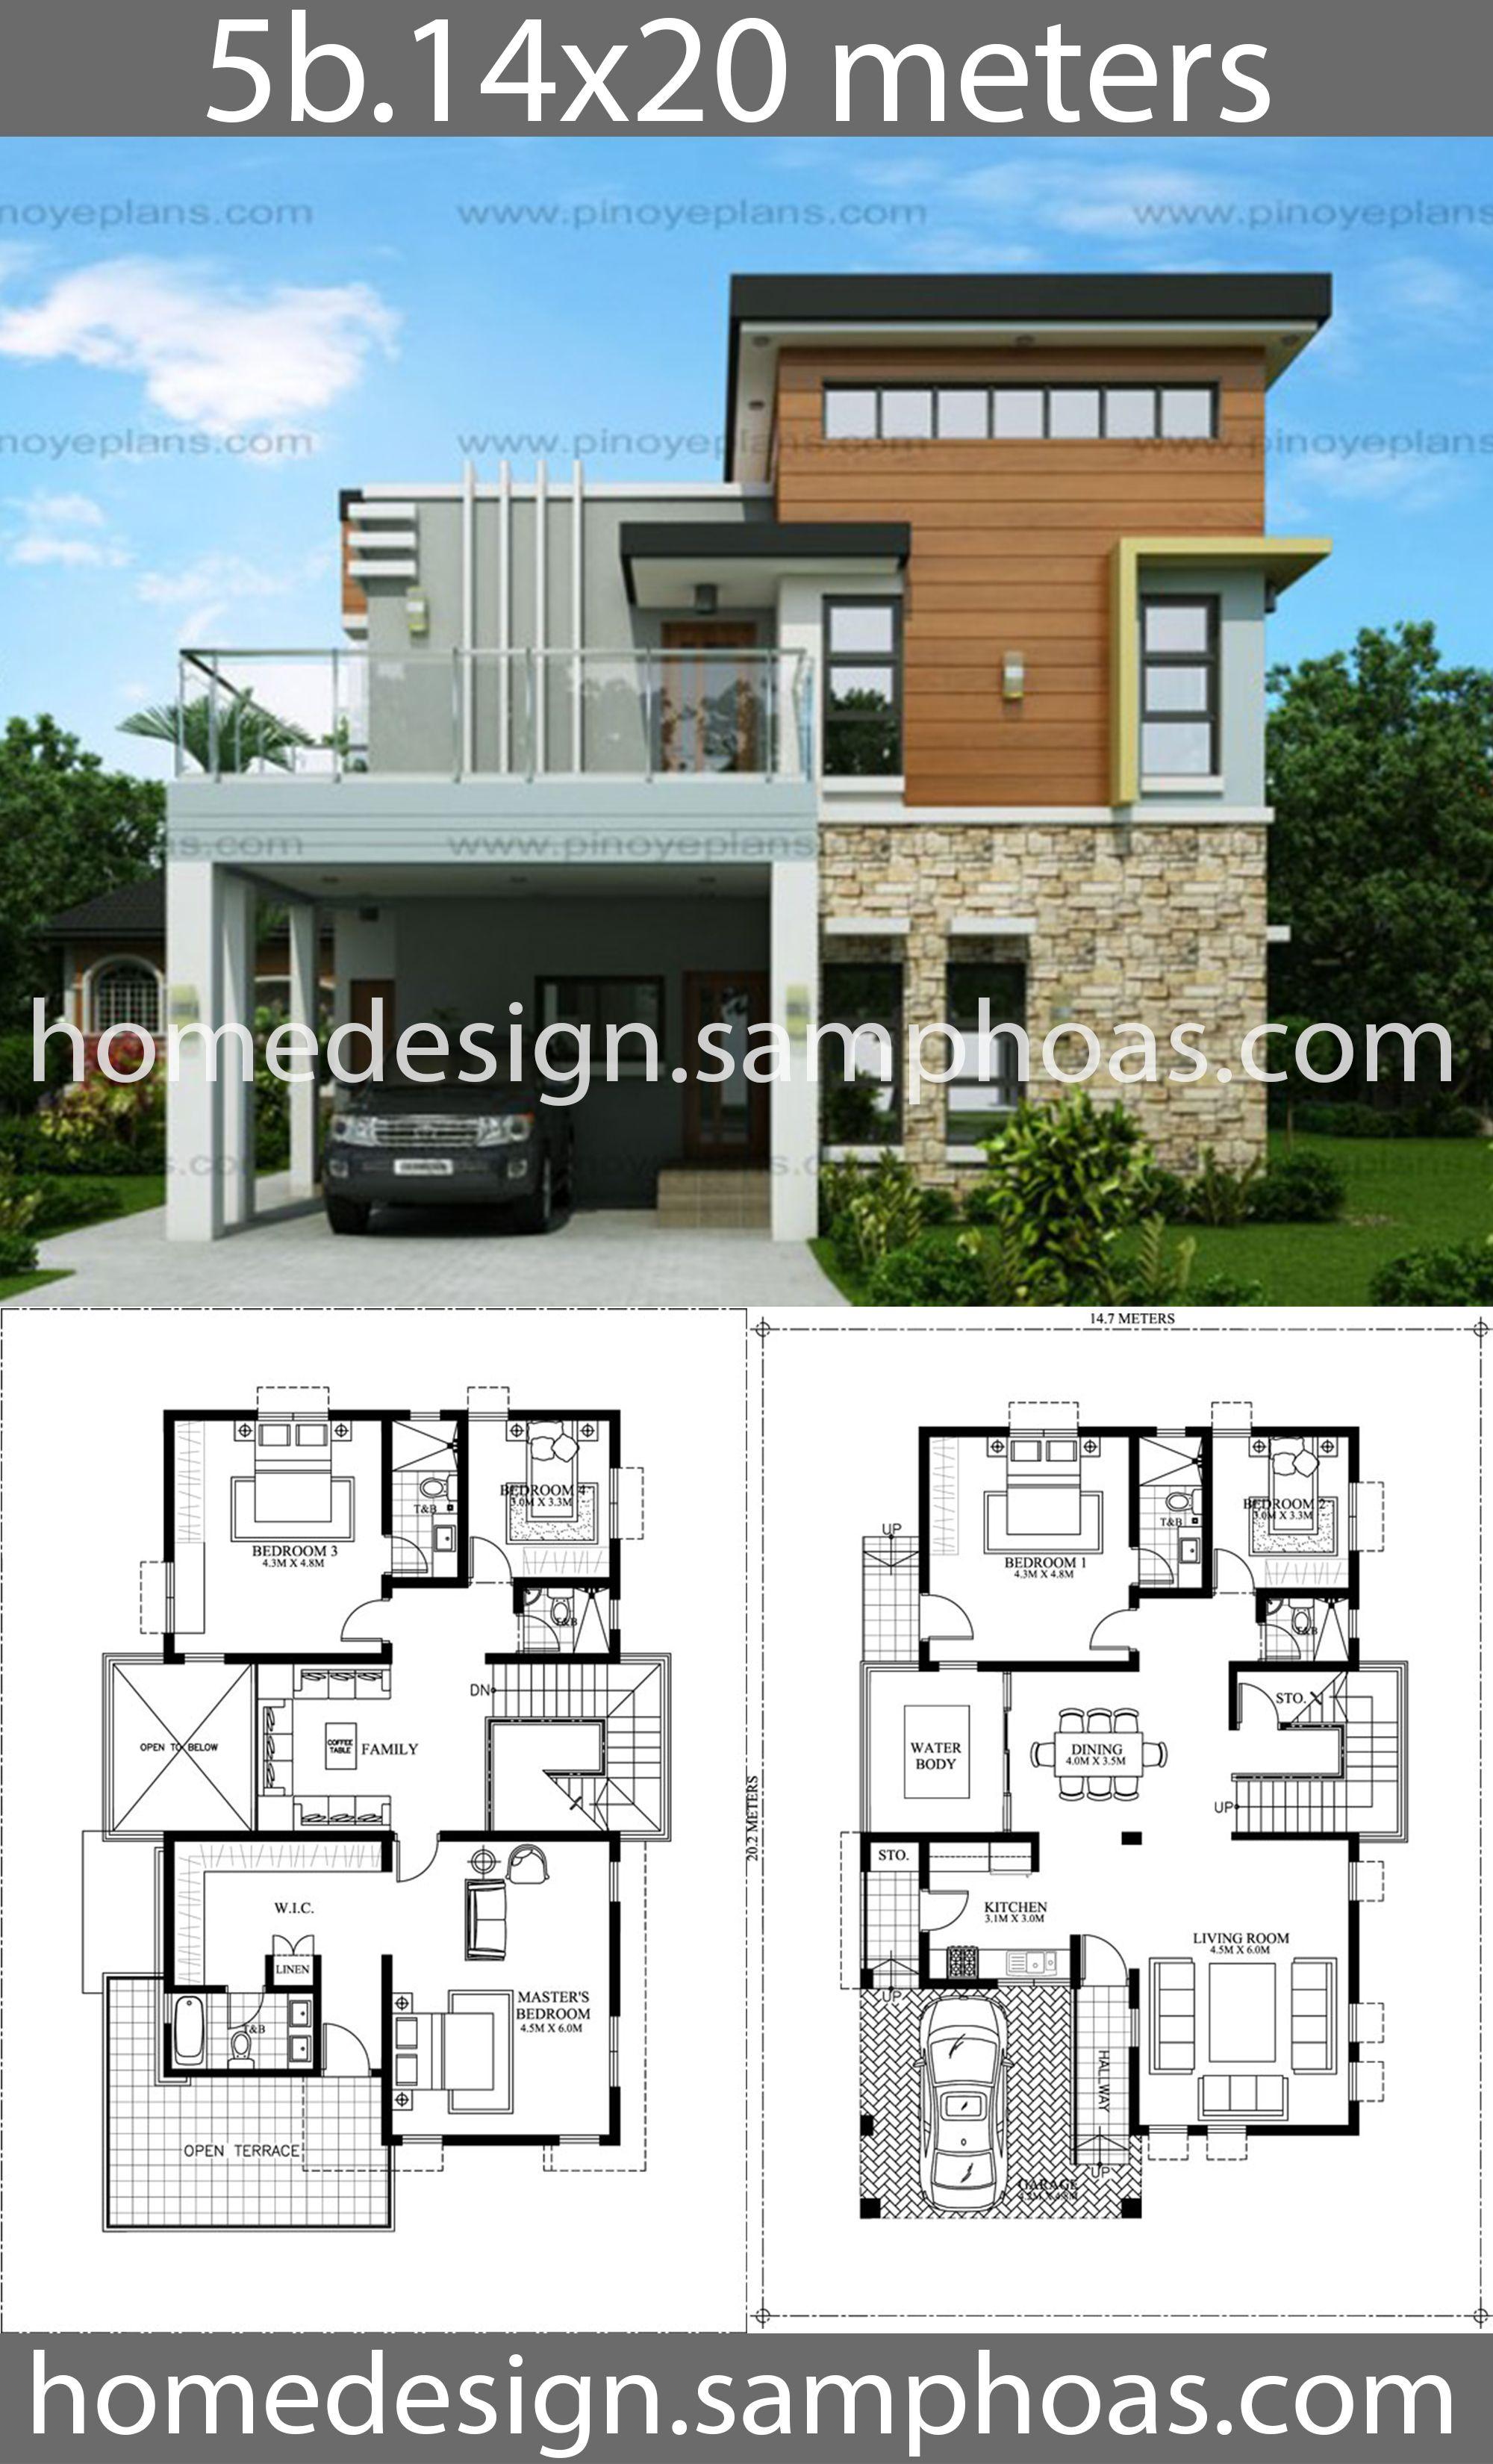 House Design Plans 14x20m With 5 Bedrooms House Idea Arsitektur Denah Desain Rumah Denah Rumah